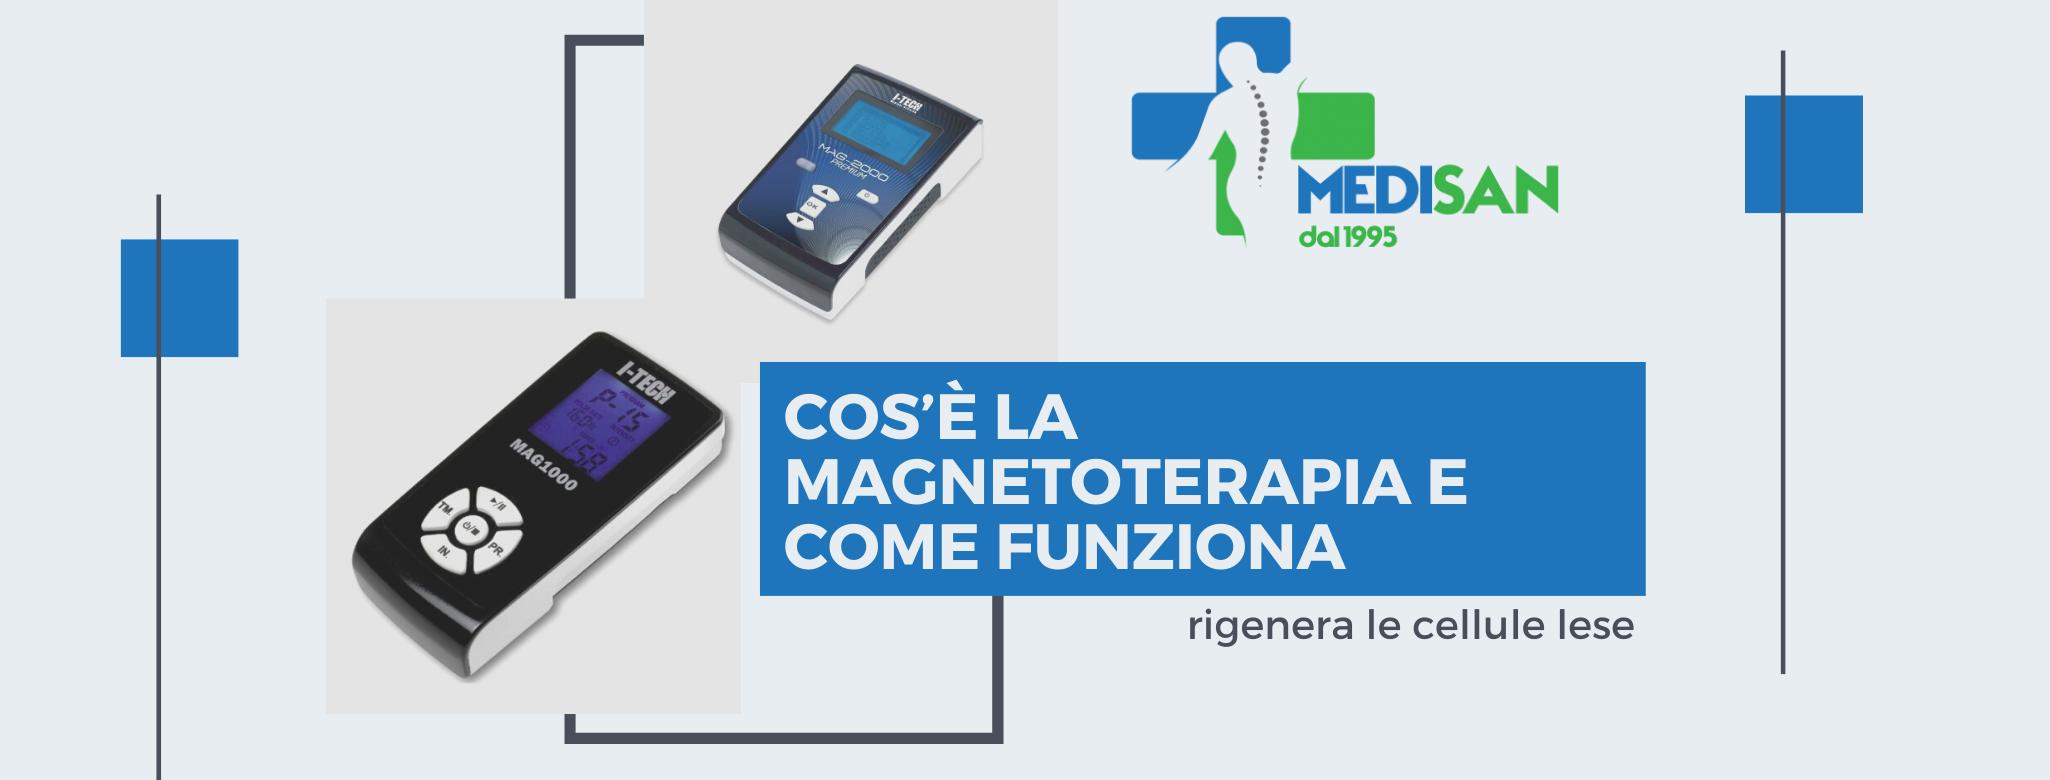 Cos'è la magnetoterapia e come funziona